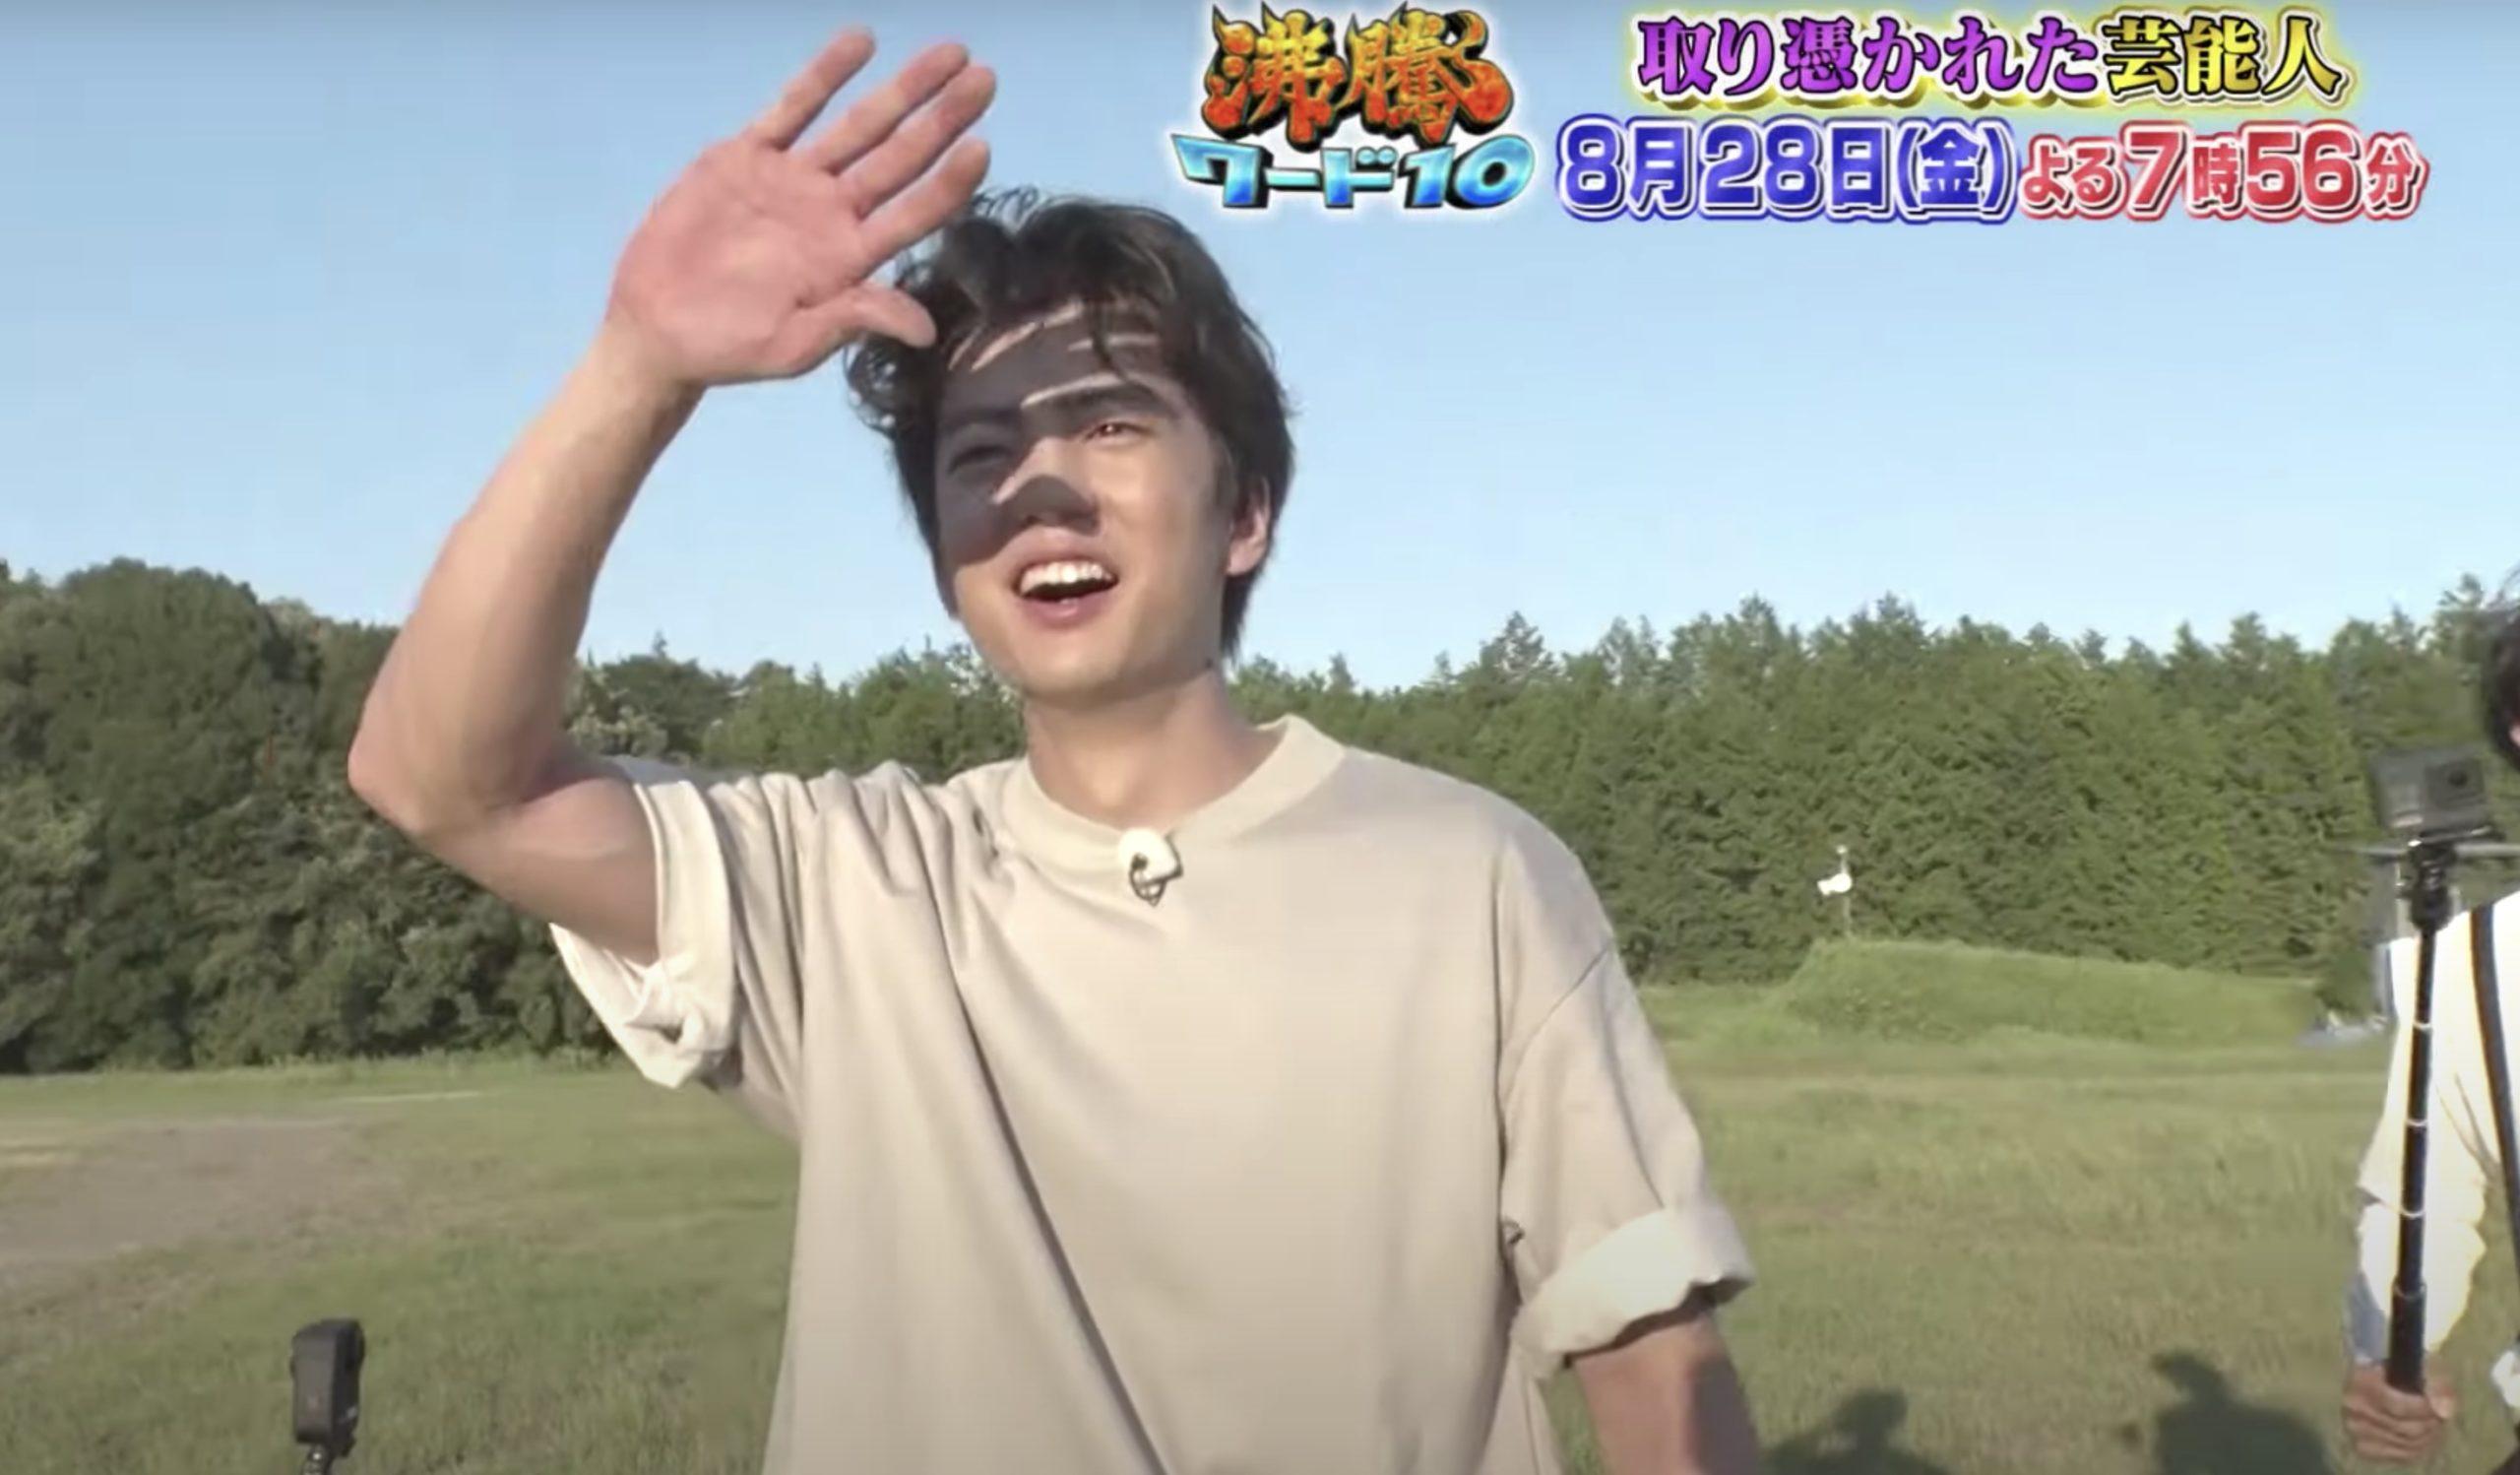 沸騰ワード10(伊藤健太郎)8月28日の無料動画や見逃し配信をフル視聴する方法!